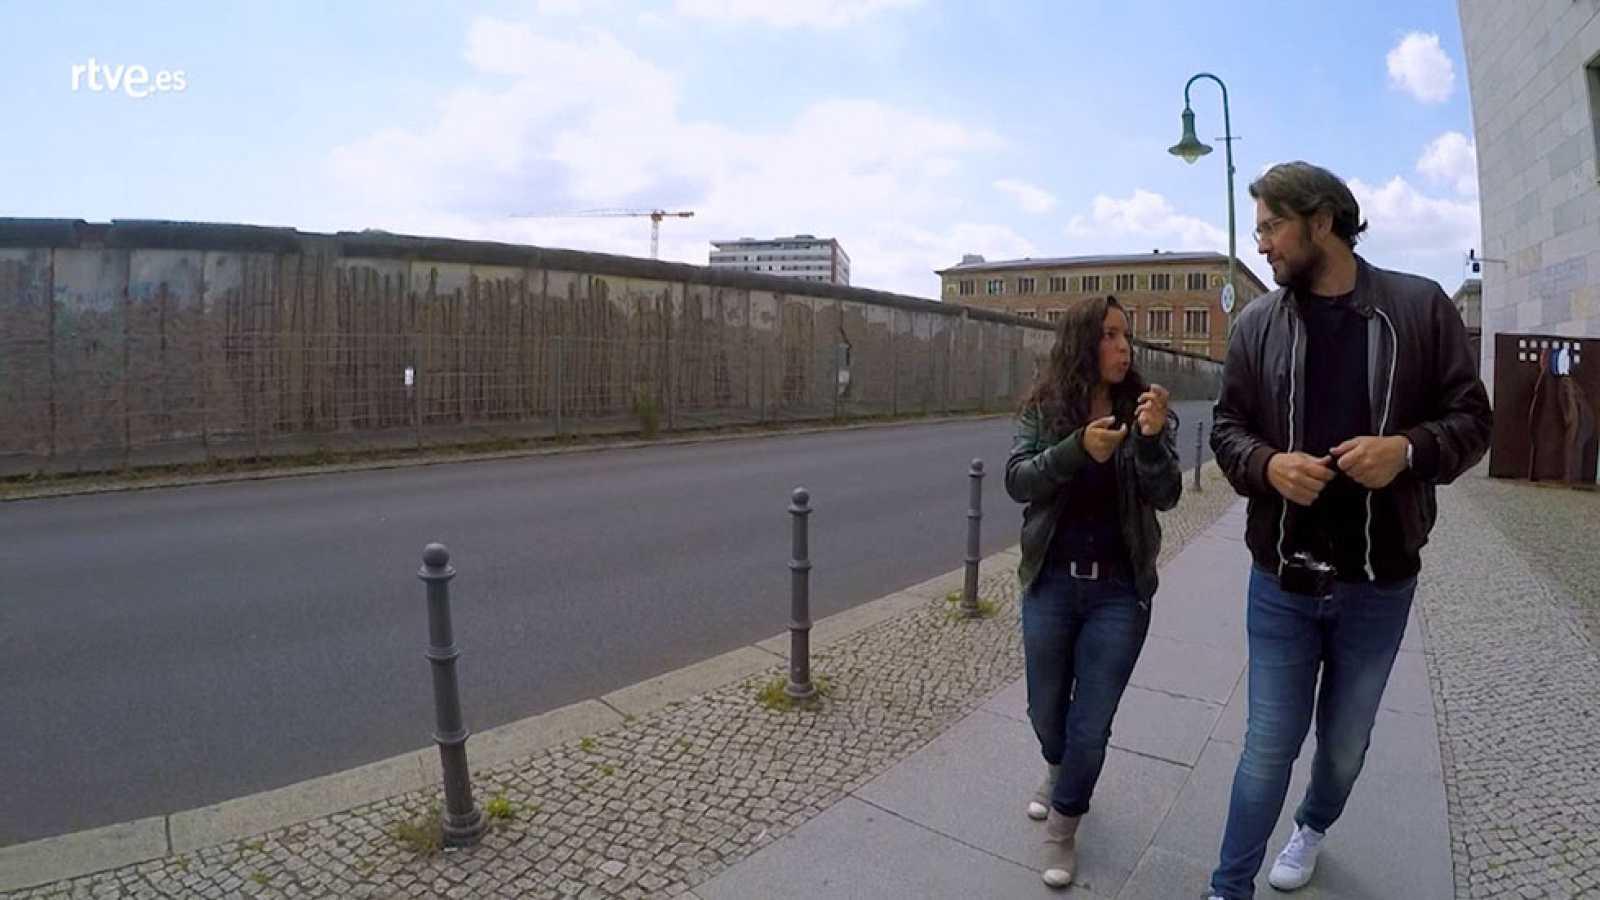 Destinos de película en Berlín. El muro